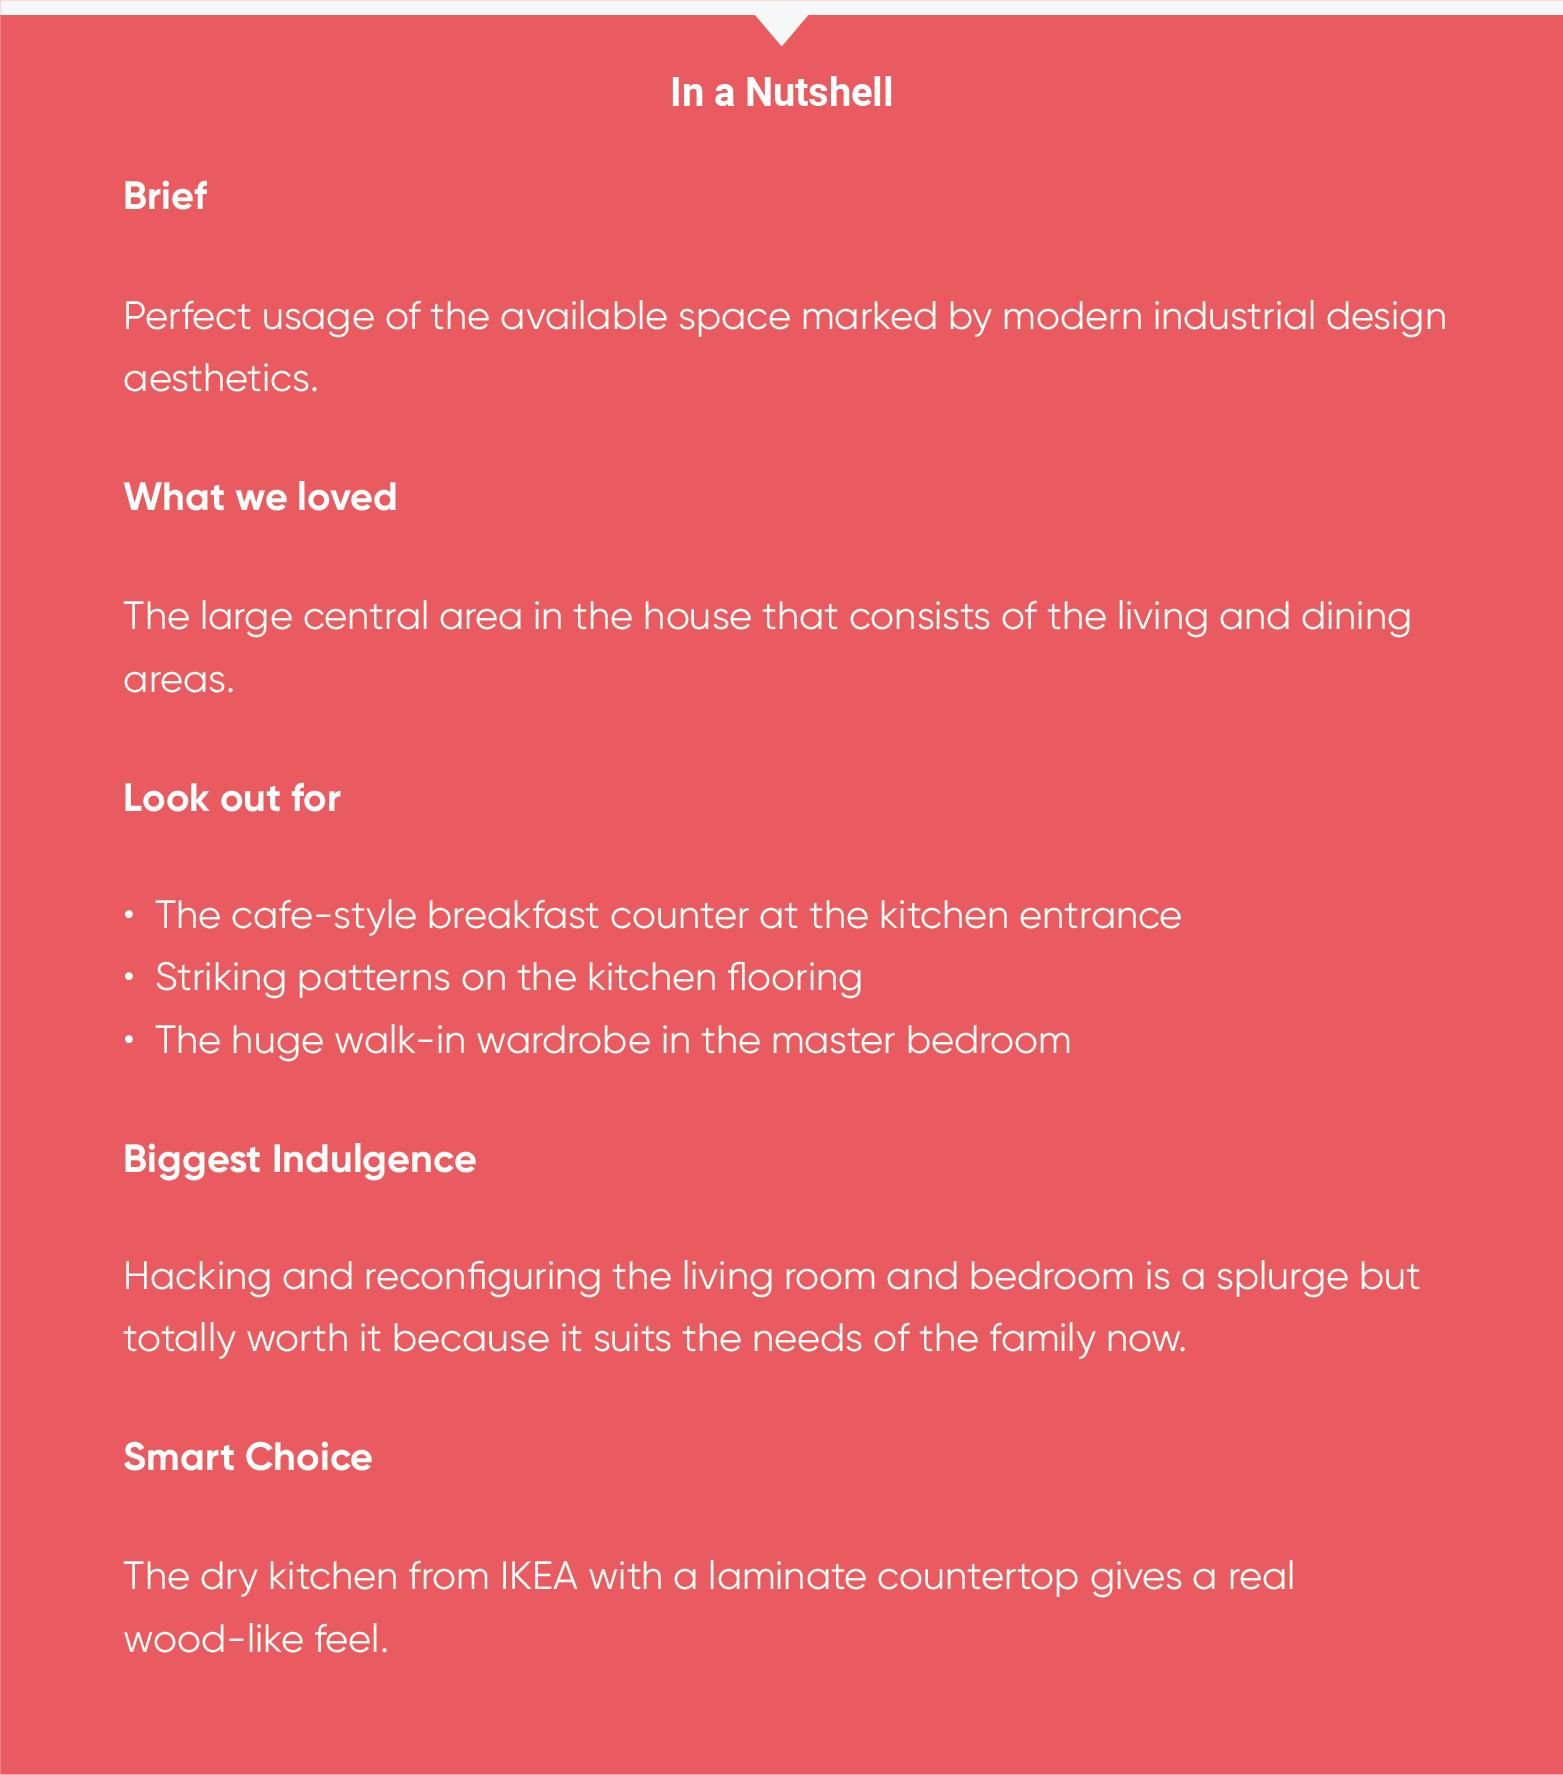 3gen-flats-infobox-client-brief